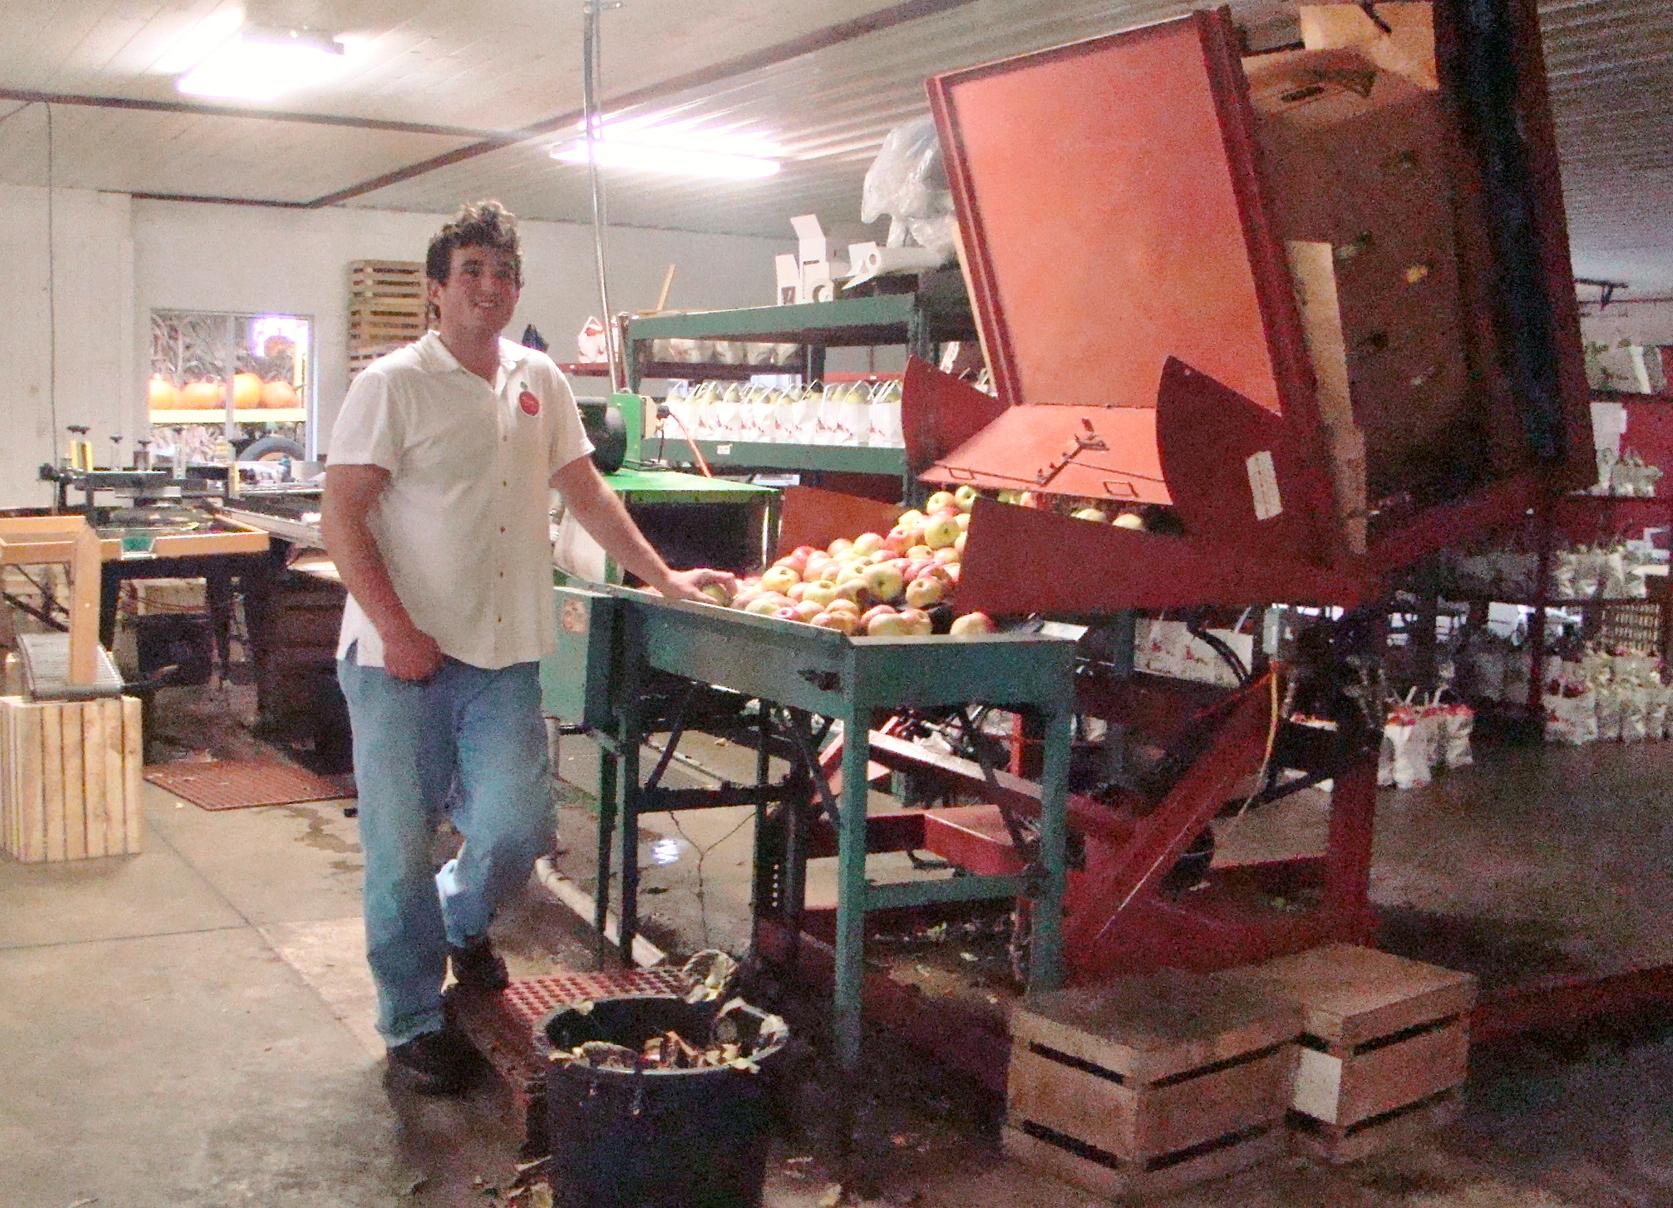 Hillcrest Apple sorter